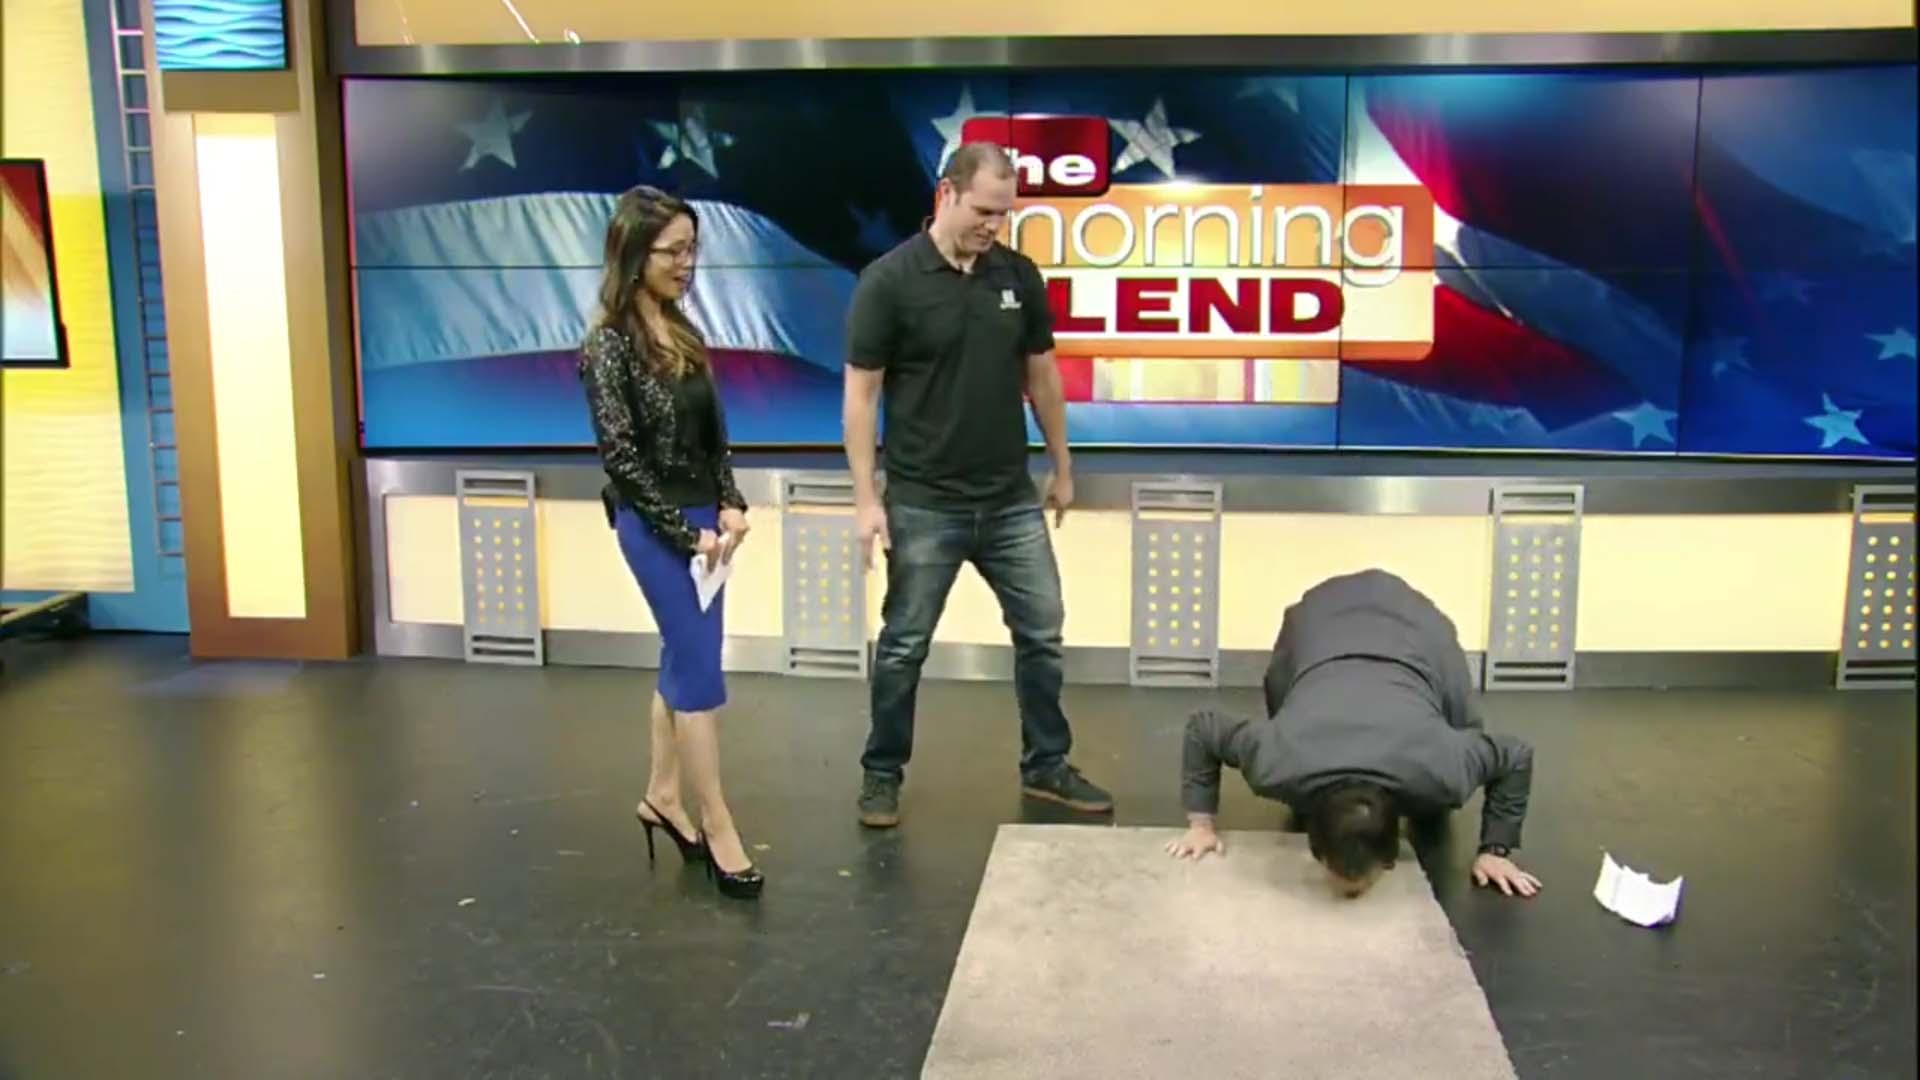 FI Licking Carpet